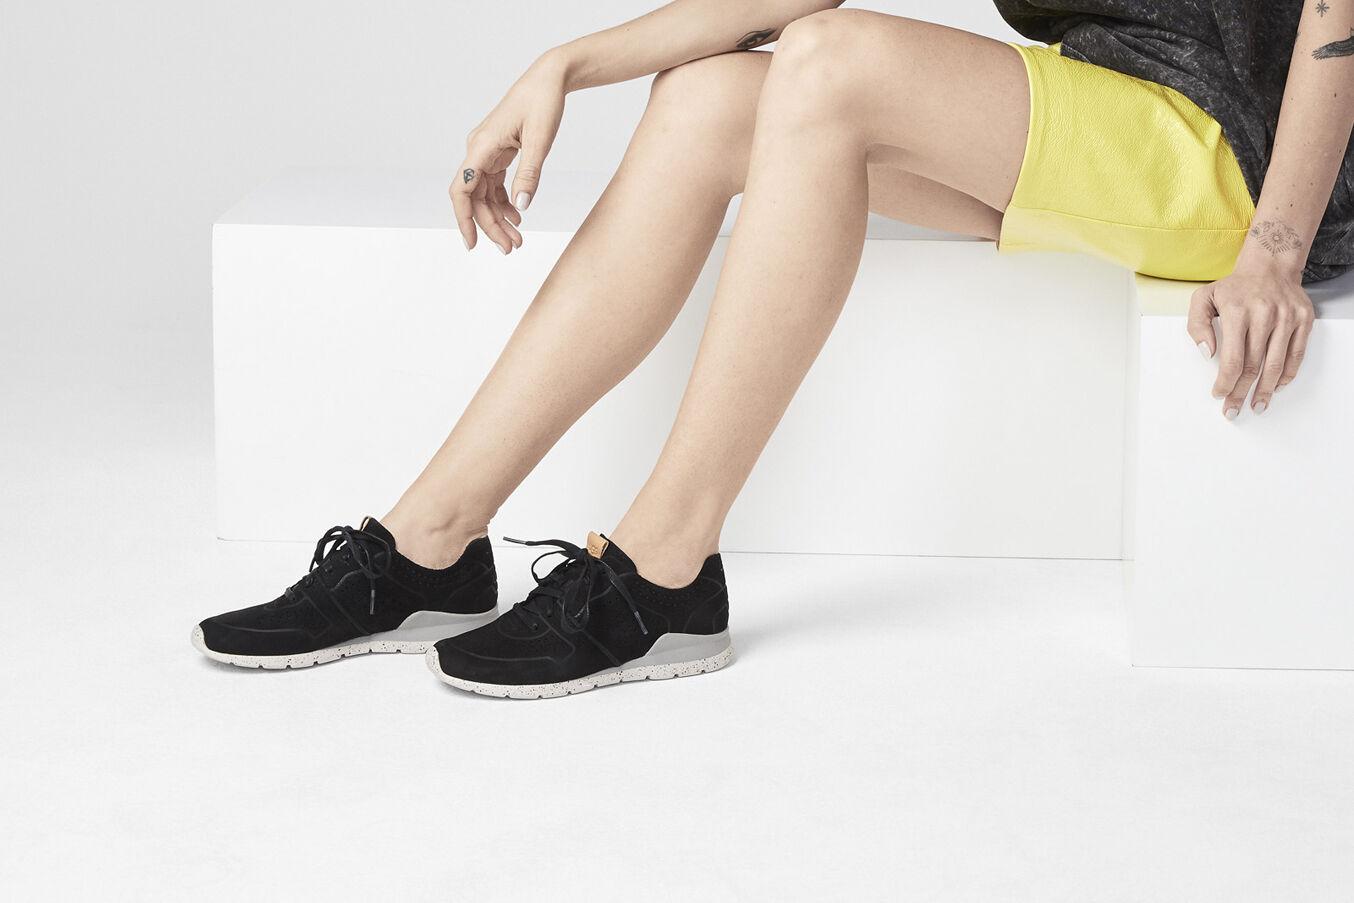 Tye Sneakers en | en cuir 1620 décontractés | 1d7bf79 - www.ssckcd.info